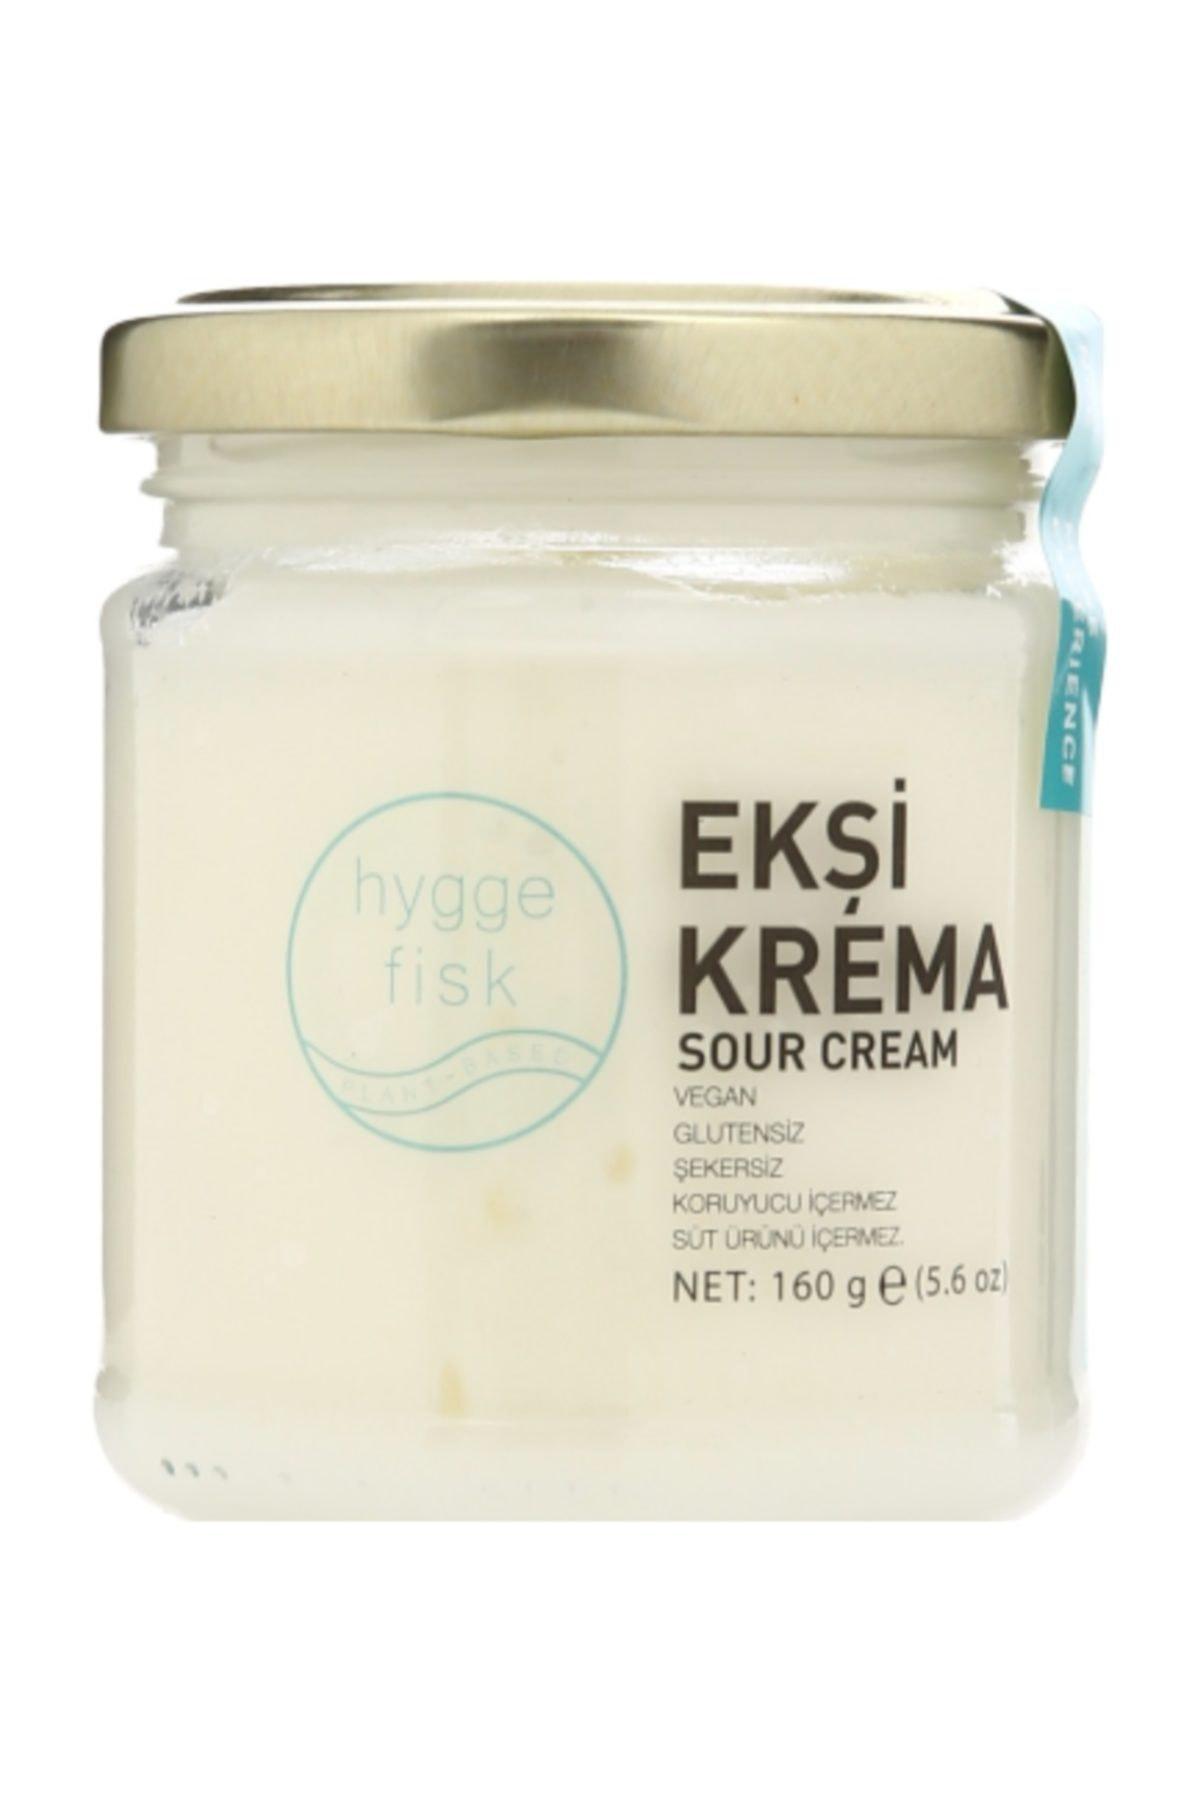 Hyggefisk Ekşi Krema (sour Cream) - Vegan Ve Glutensiz - Koruyucu Içermez